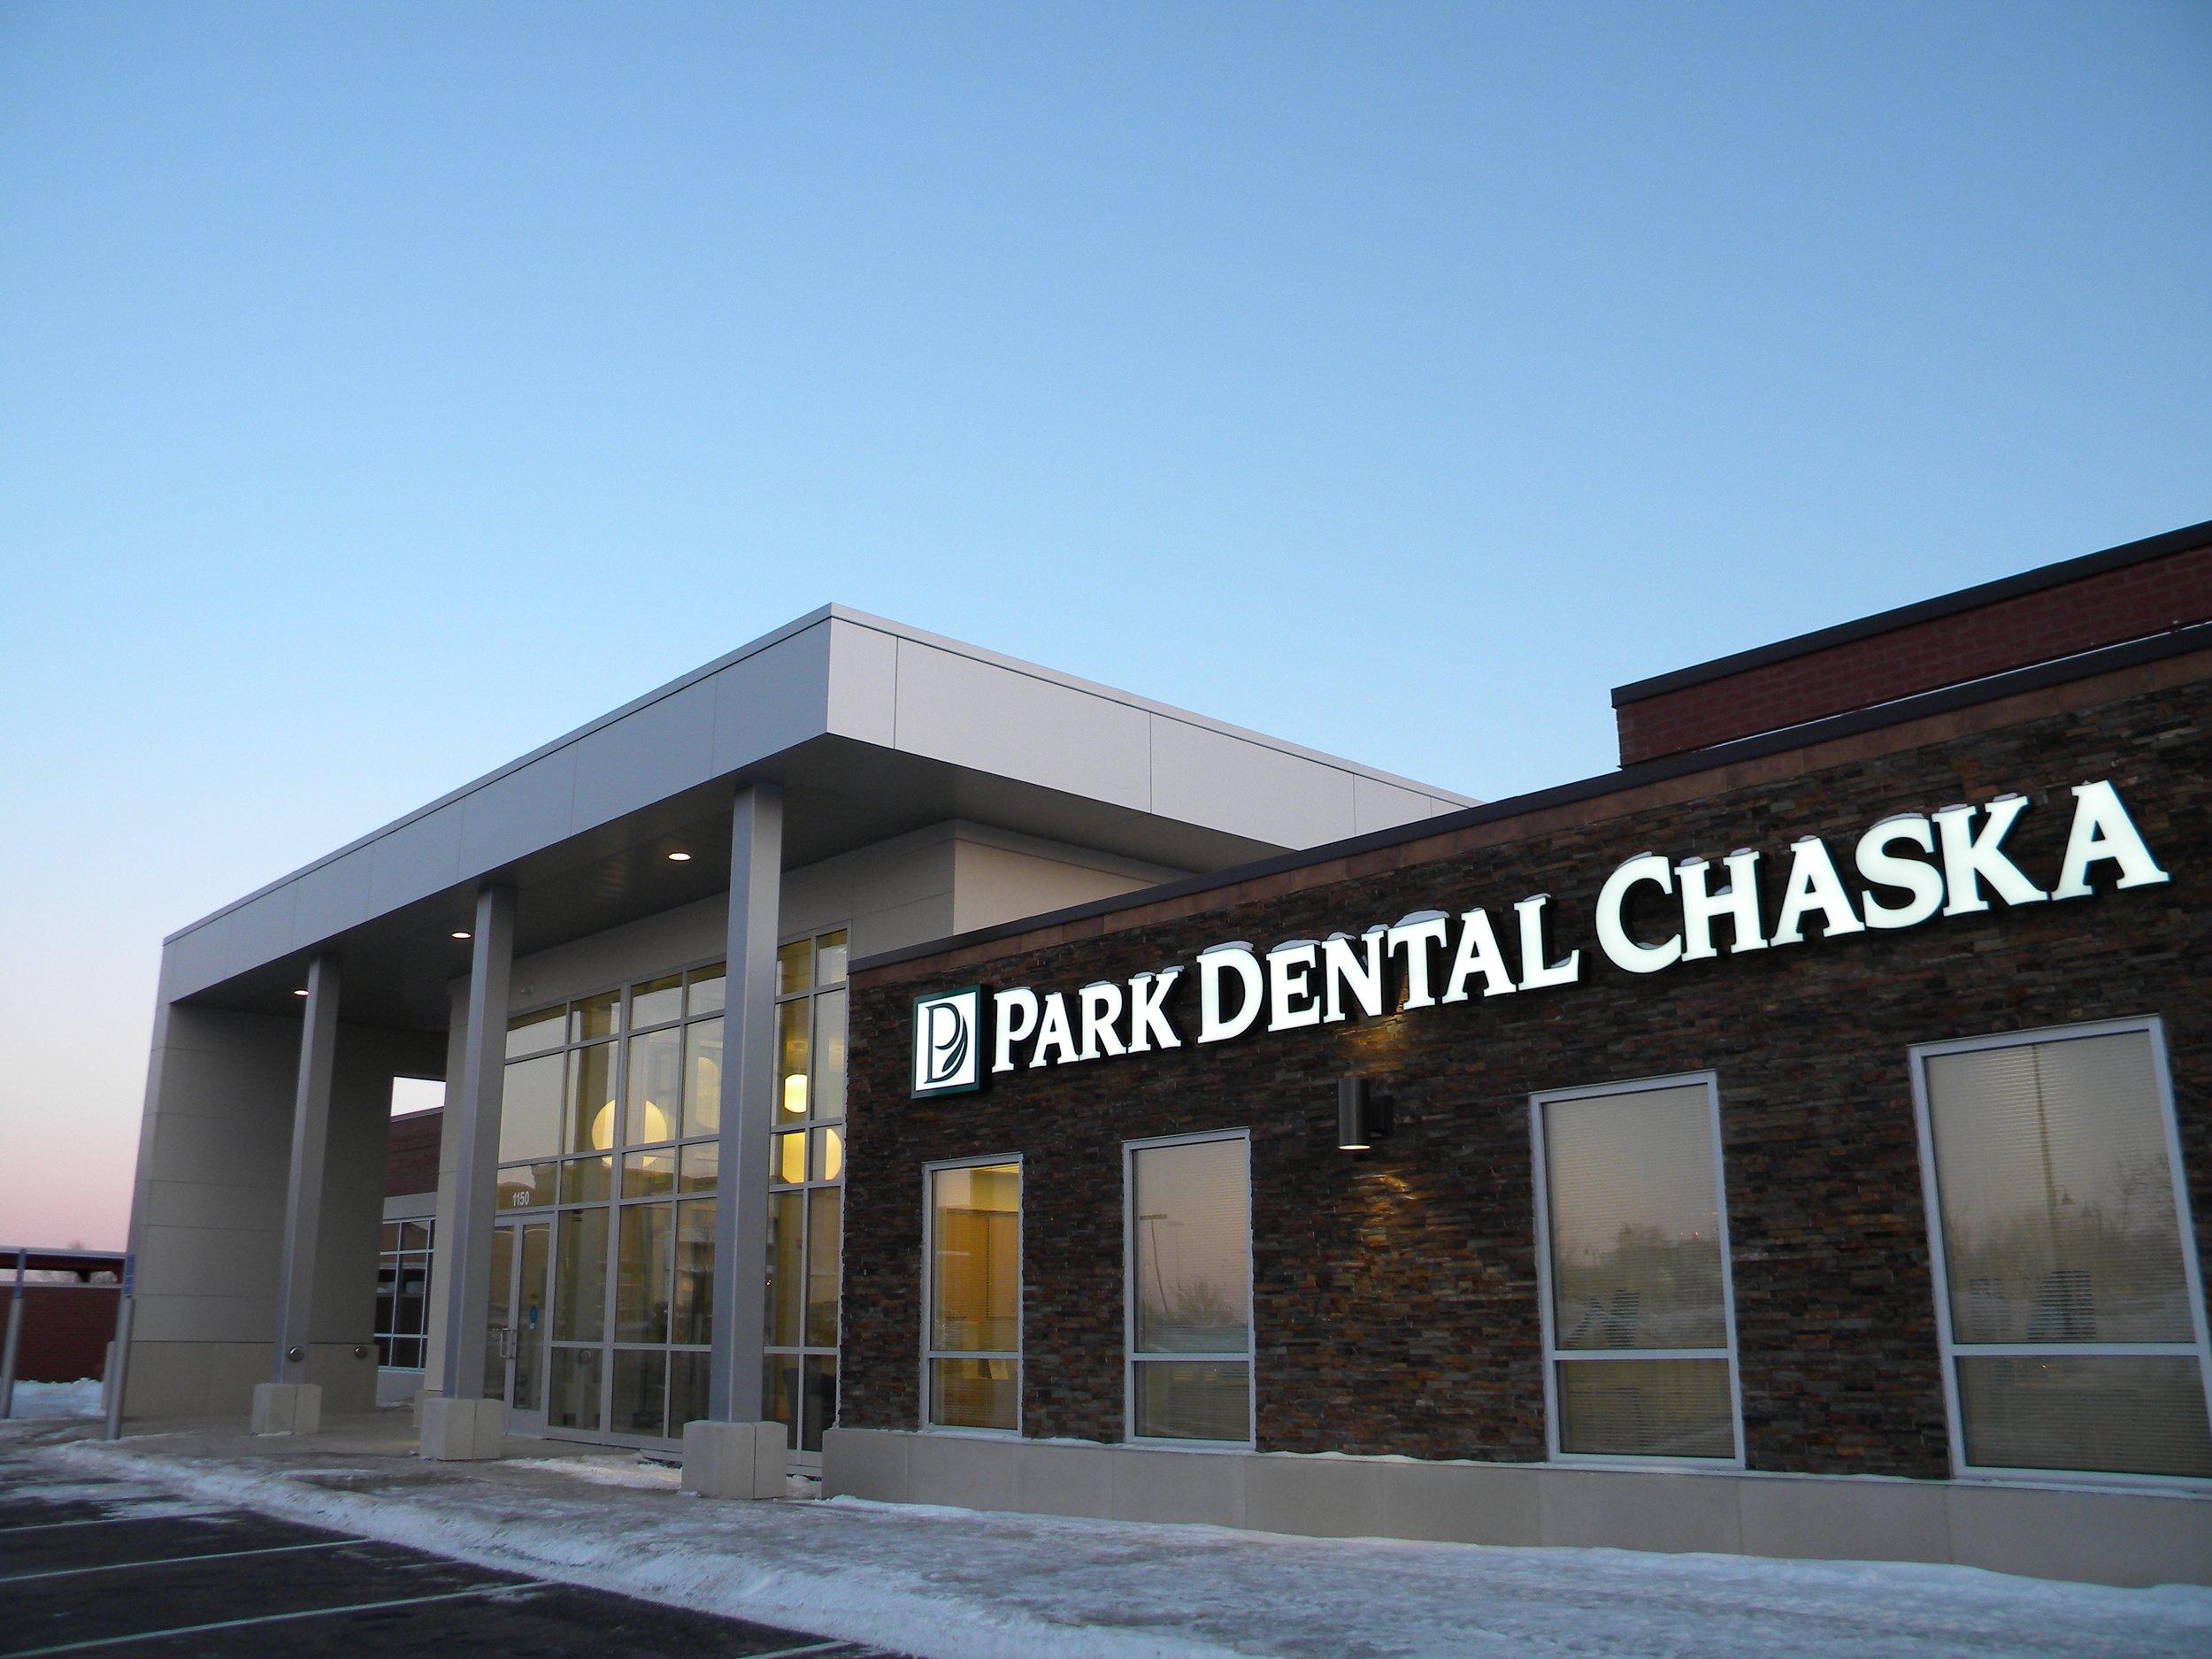 Park Dental Chaska Exterior.JPG